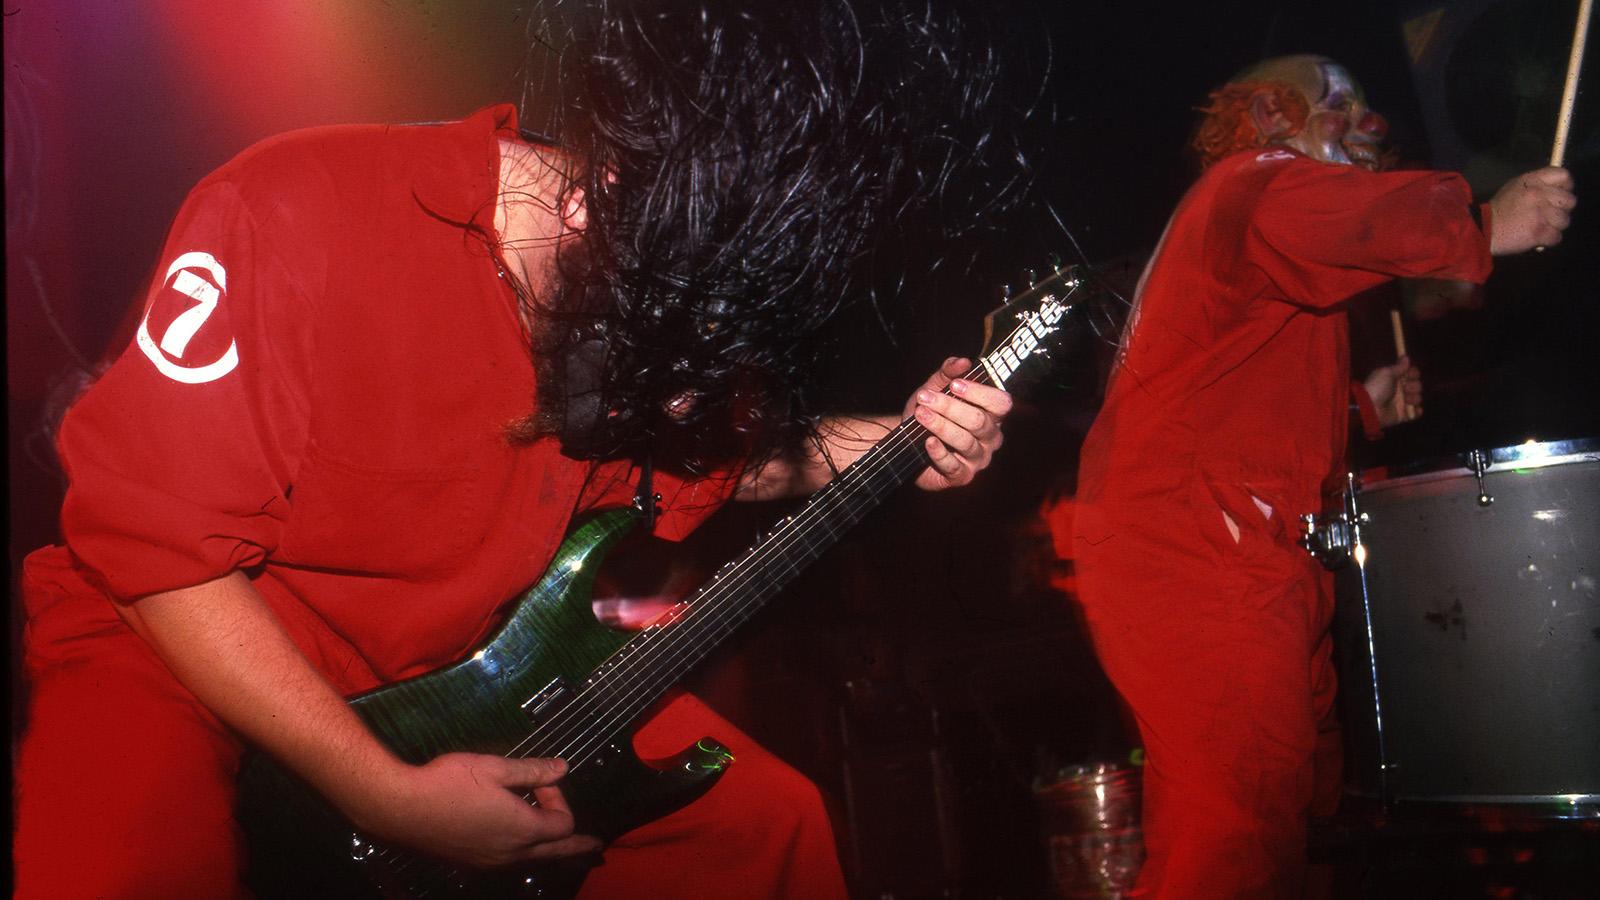 12 Insane Stories From Slipknot's Self-Titled Debut Album